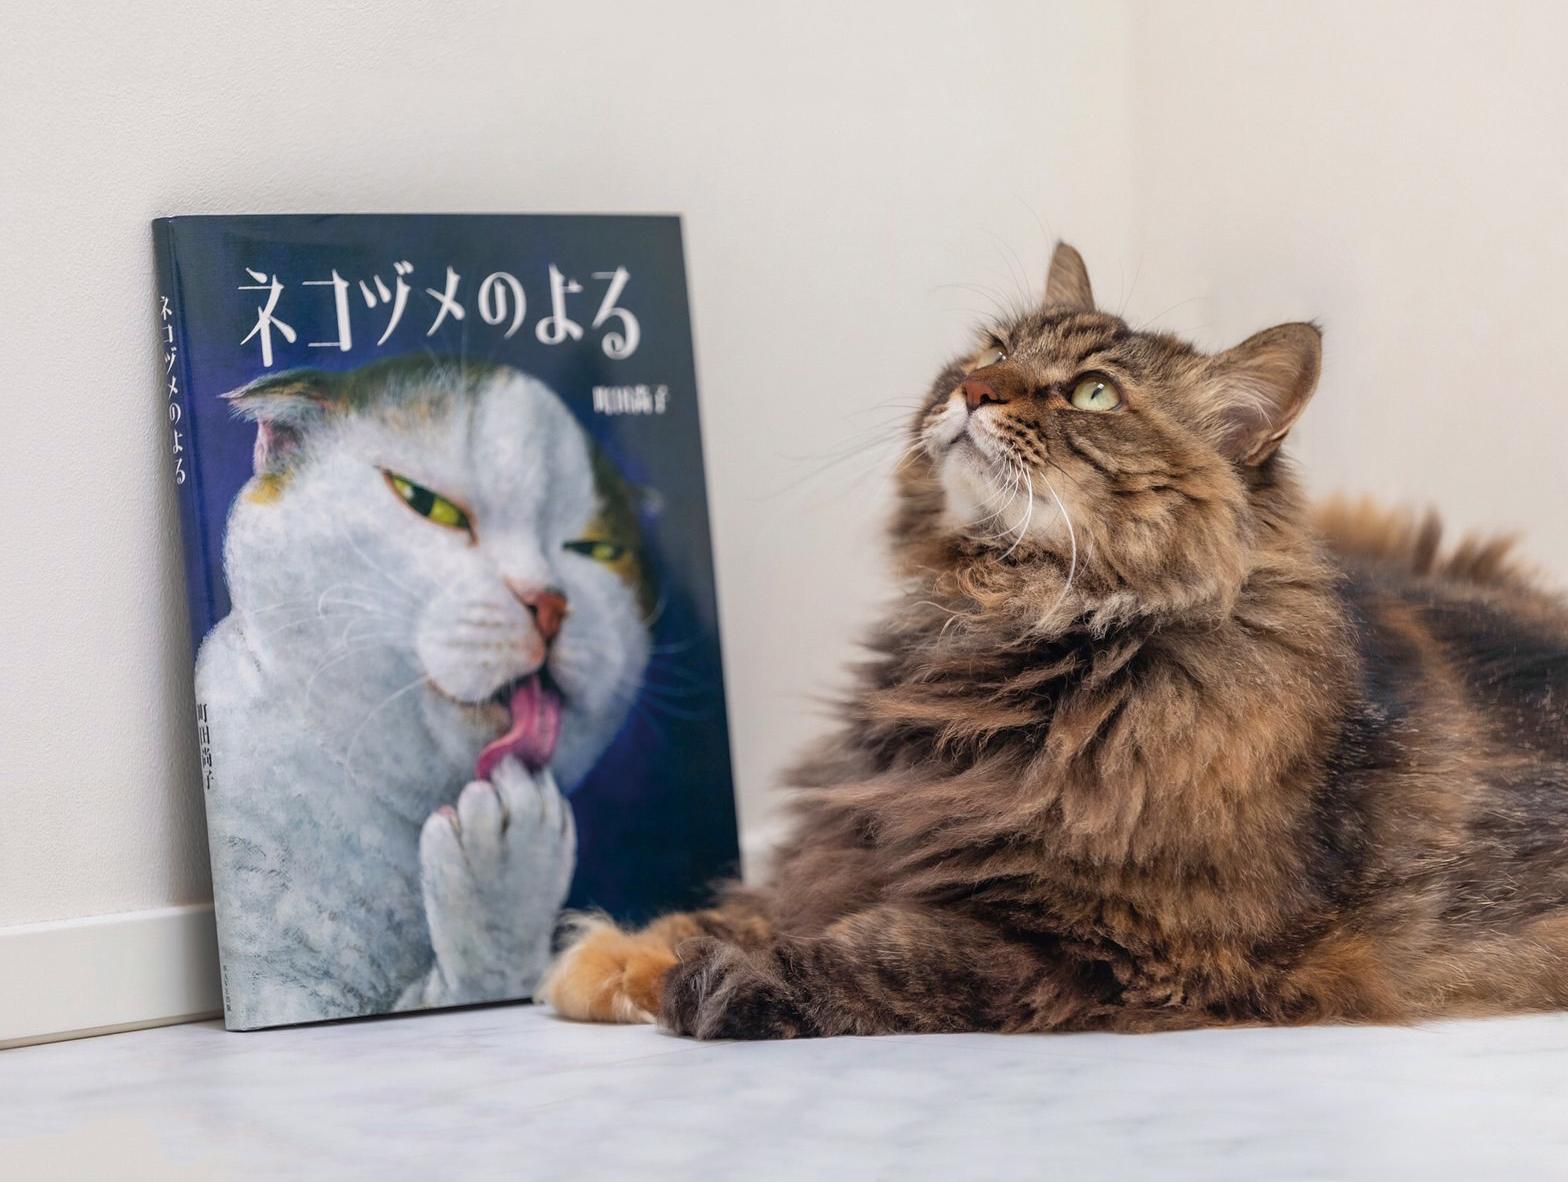 江田さんの愛猫「テンちゃん」(10歳♀)